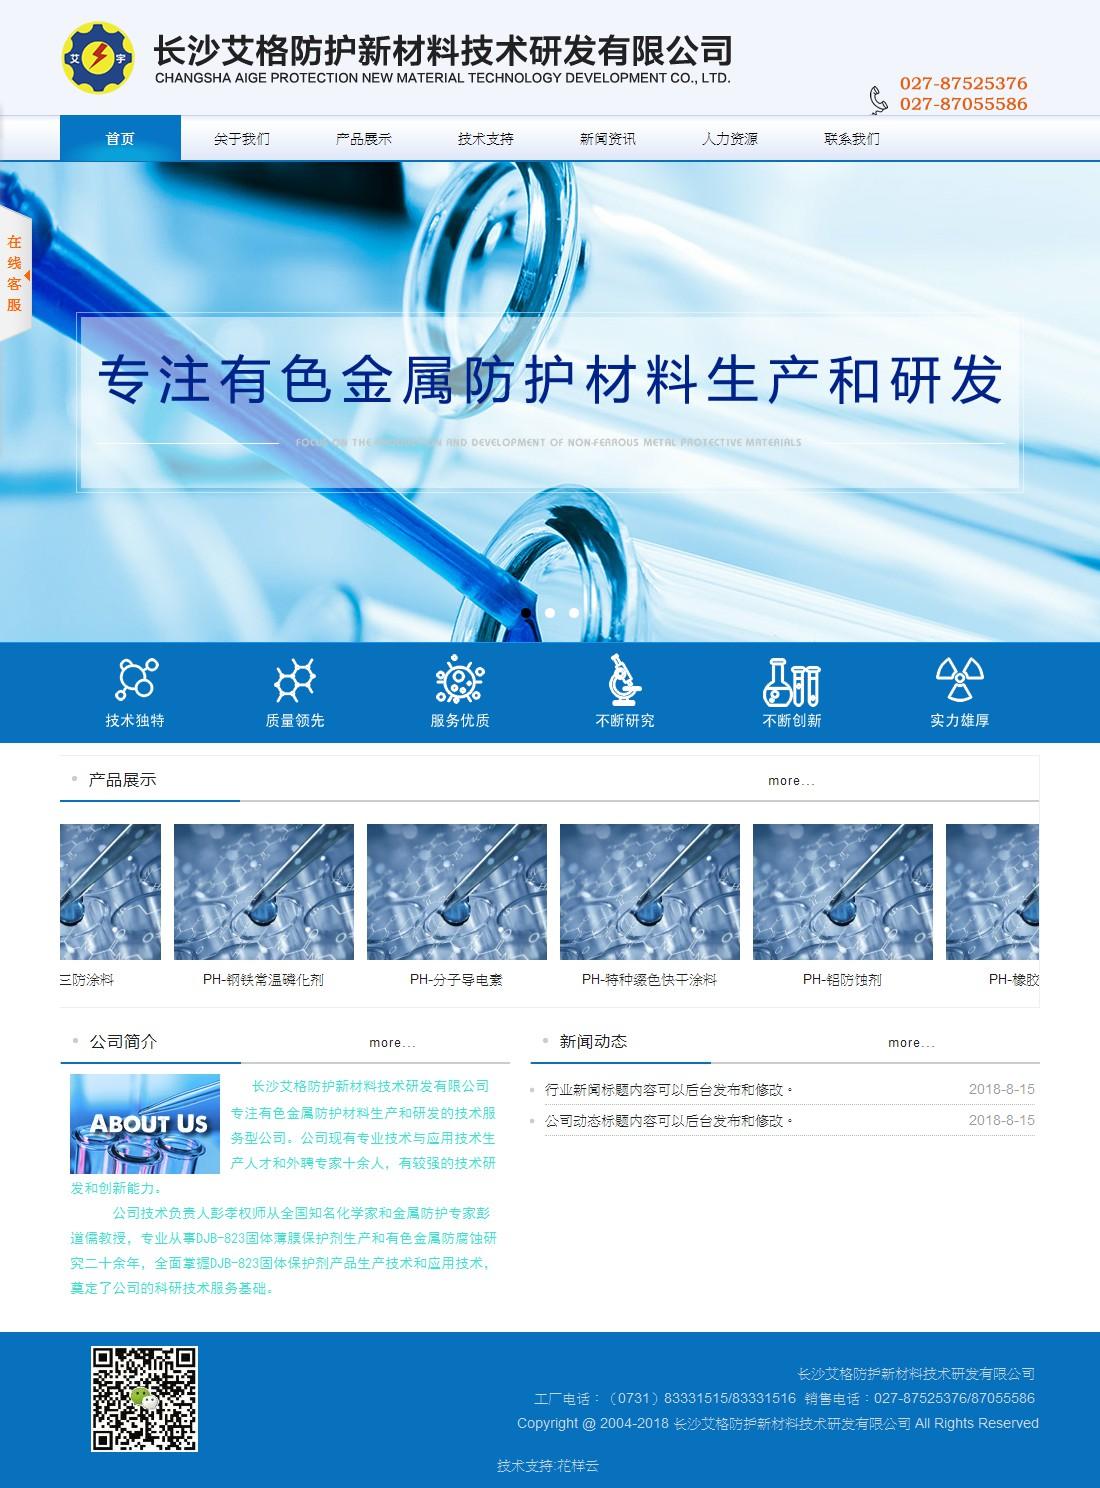 网站制作案例:长沙艾格防护新材料技术研发有限公司